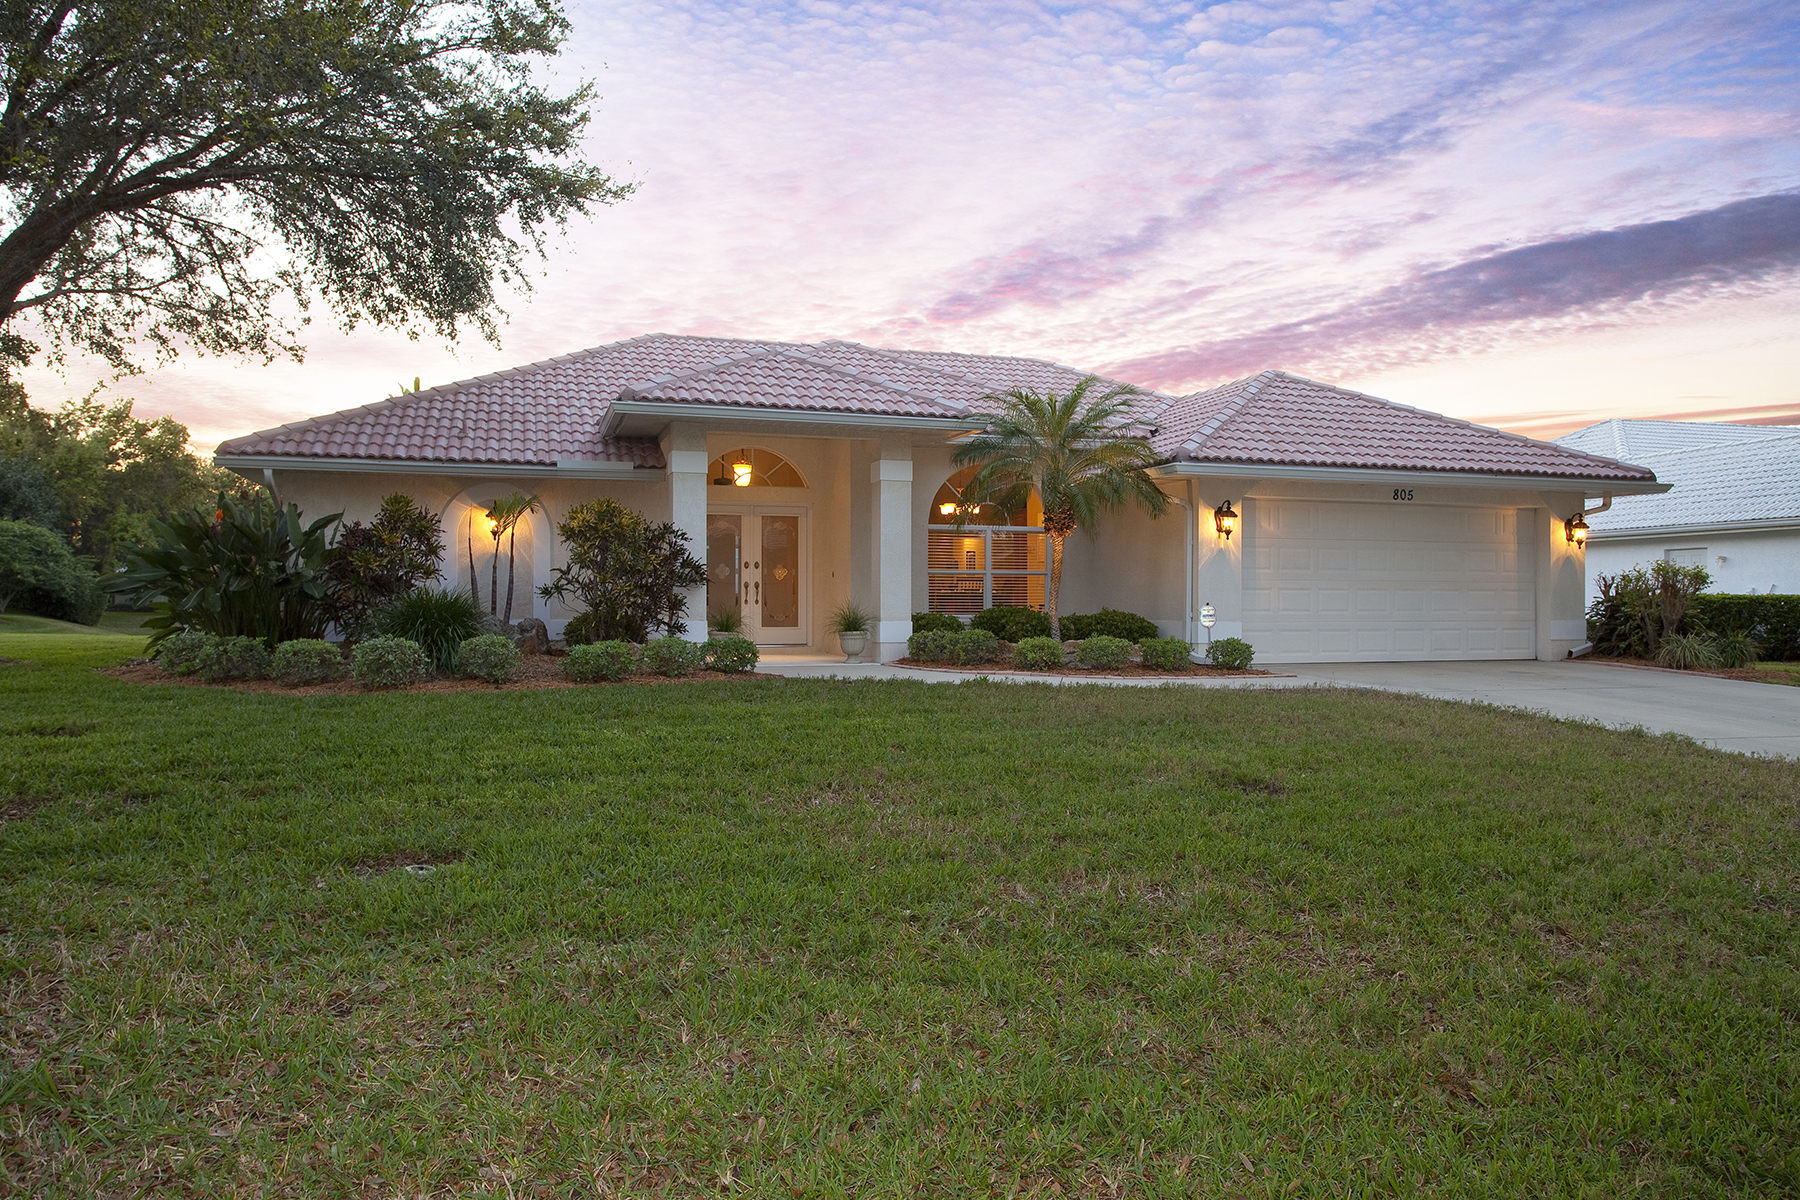 Casa para uma família para Venda às BRIDLE OAKS 805 Connemara Cir Venice, Florida, 34292 Estados Unidos